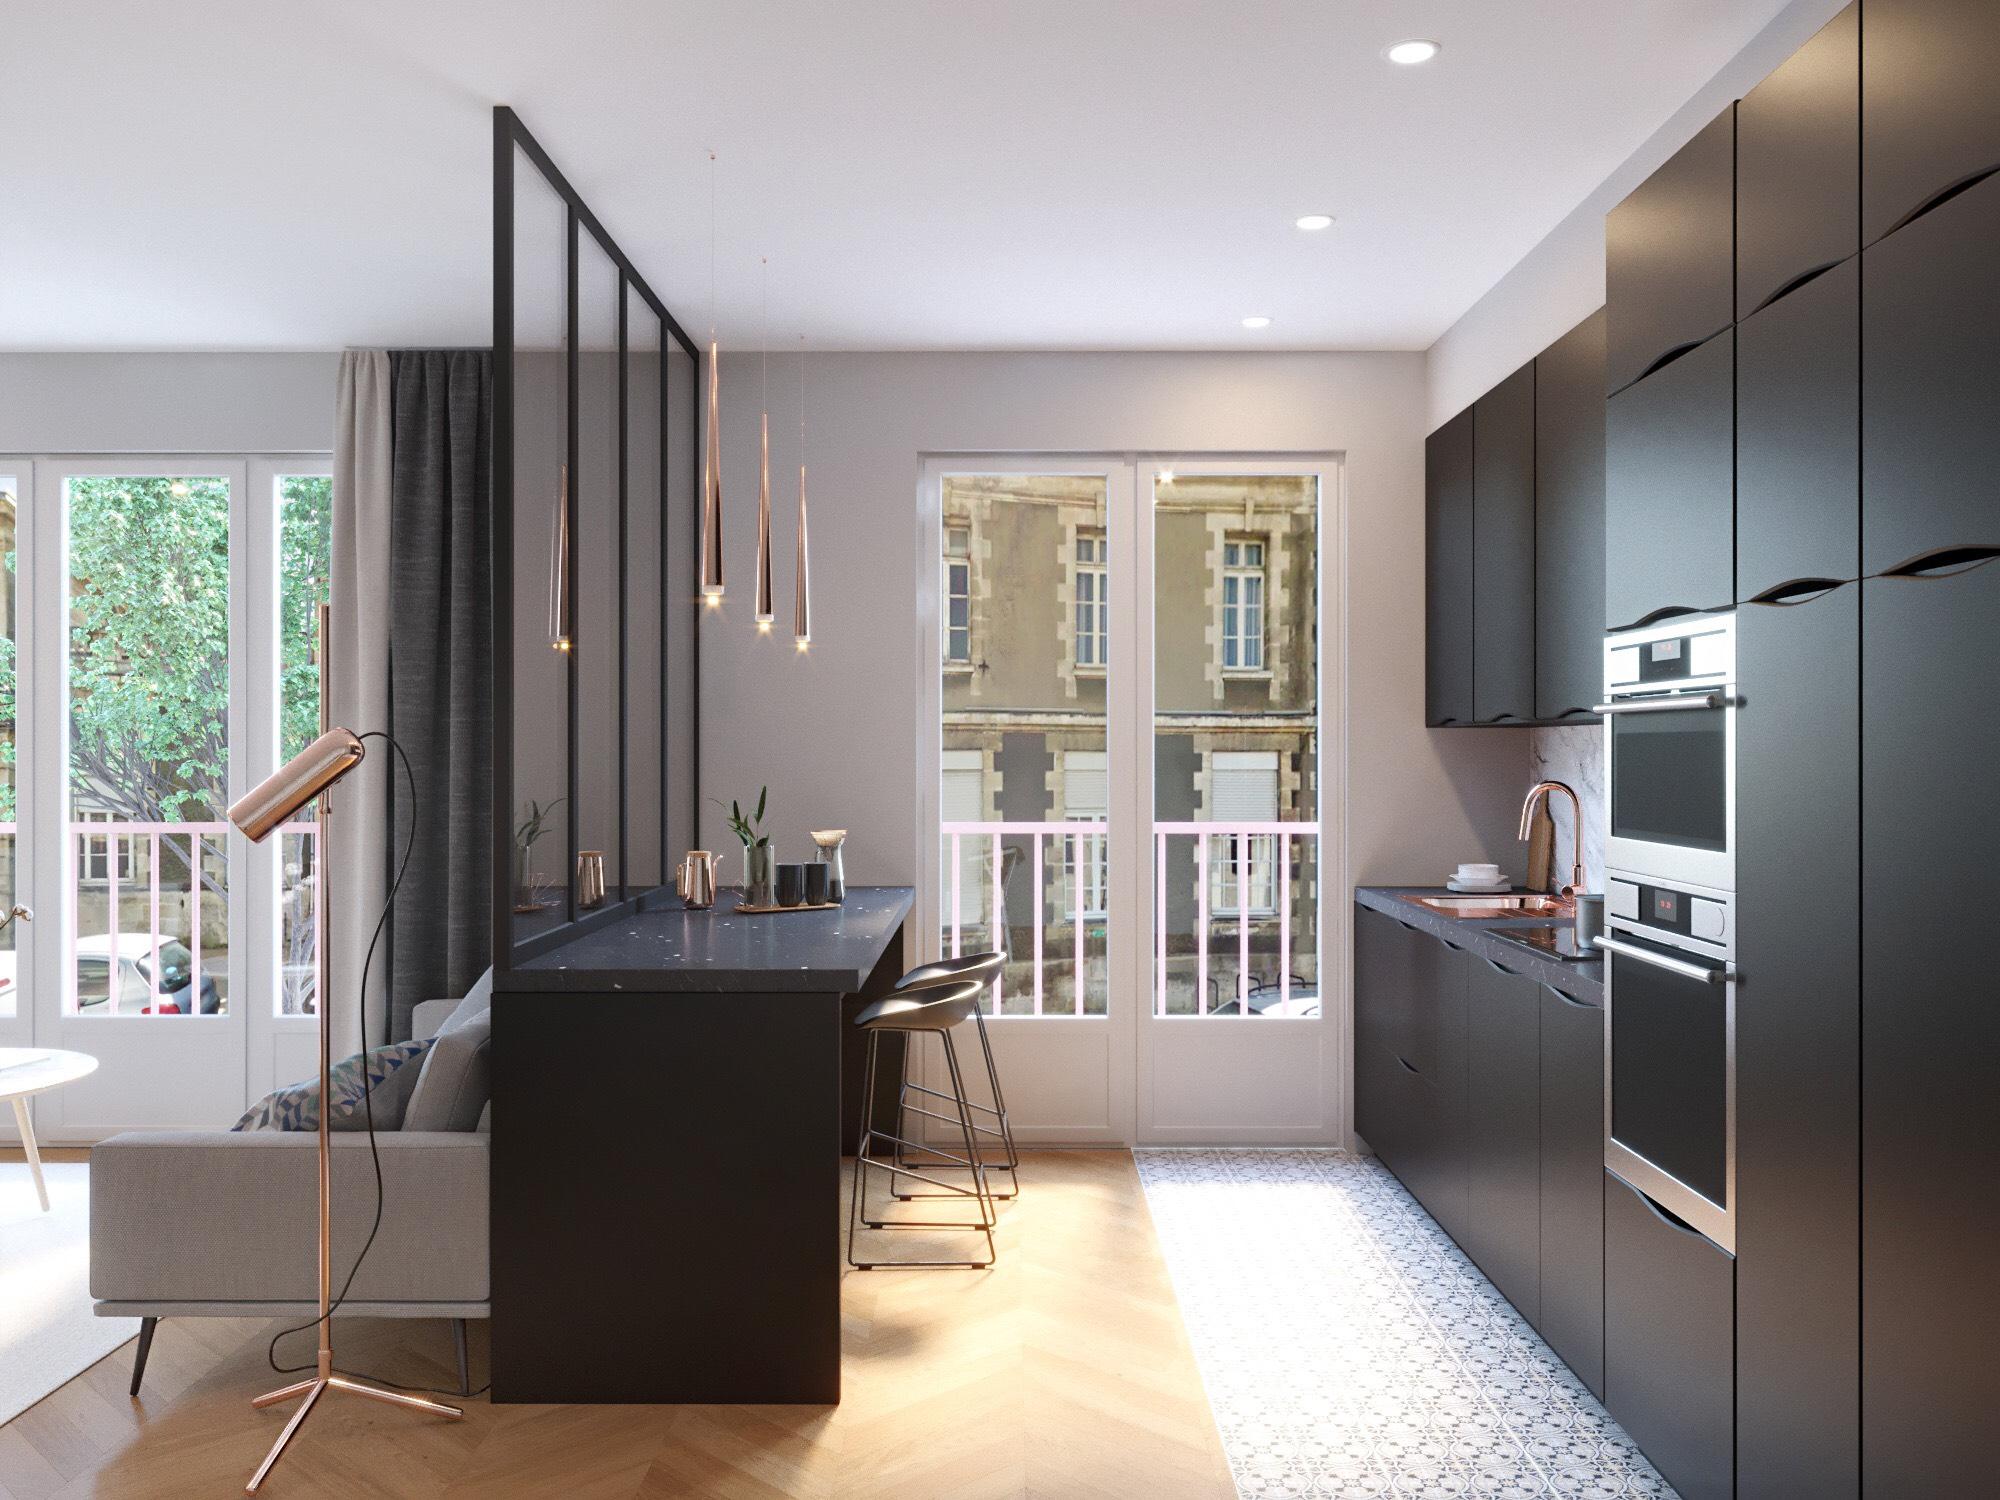 Cuisine Séparée Du Salon comment ouvrir sa cuisine sur le salon ? - madame figaro